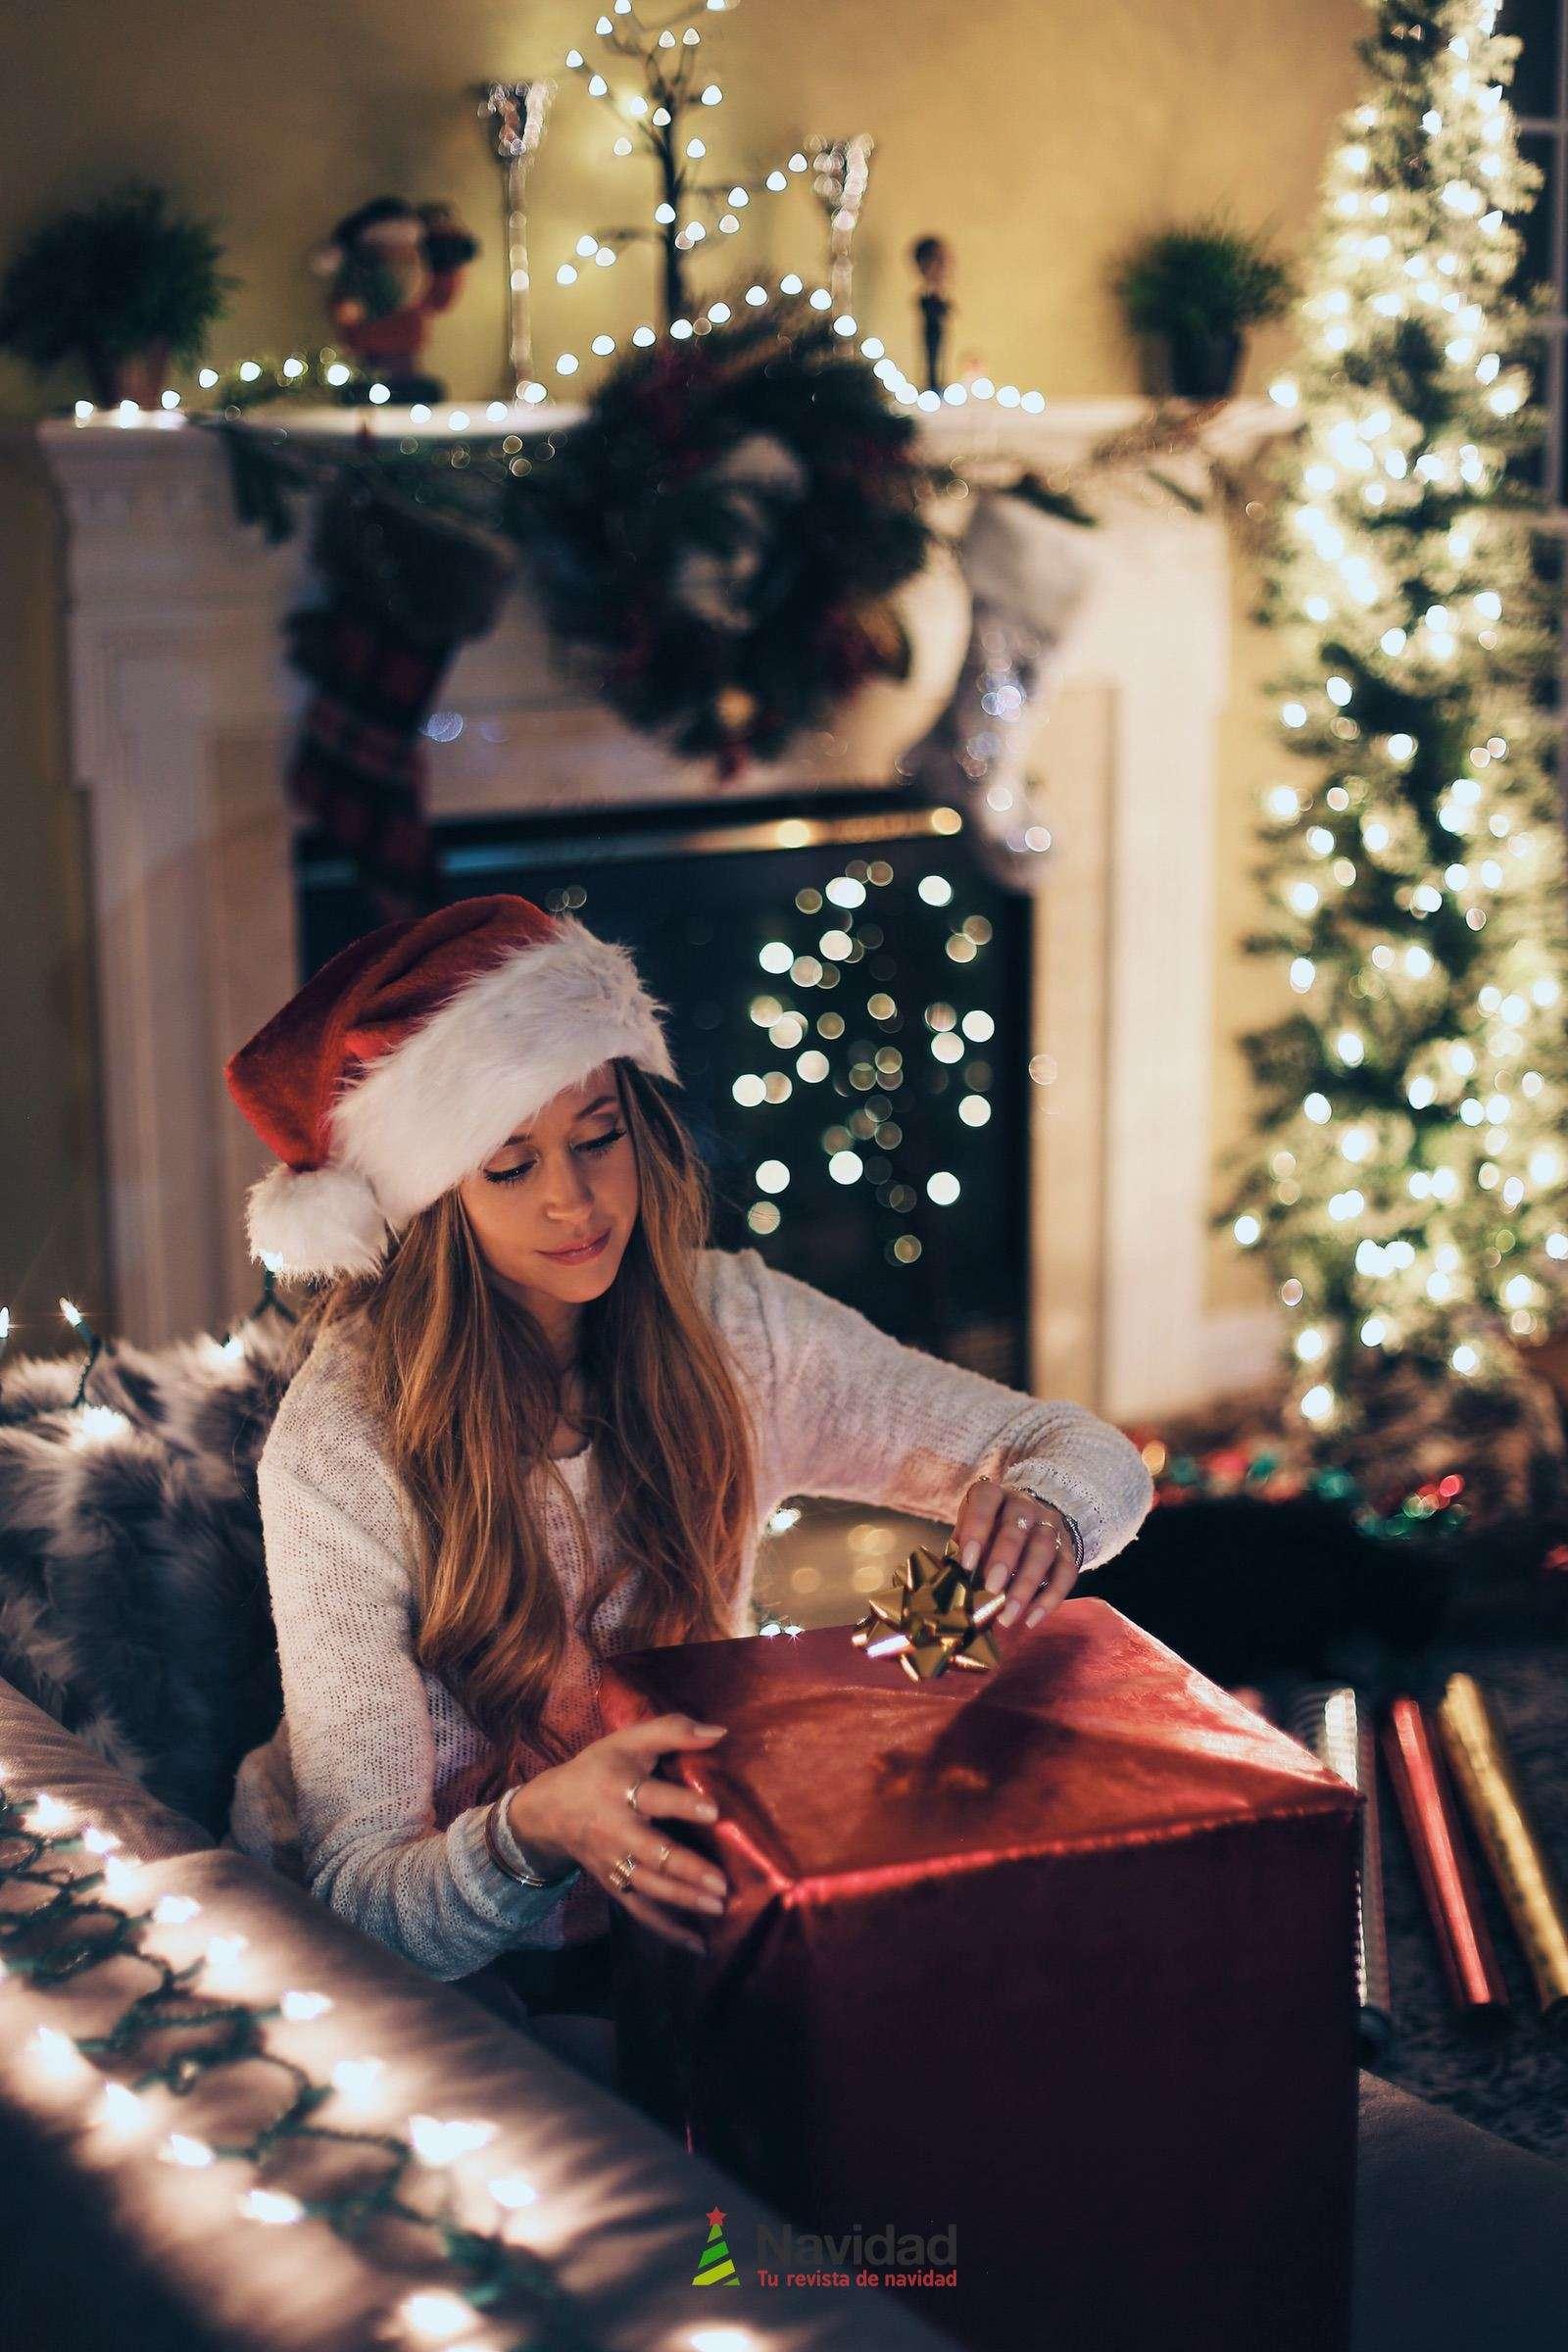 Chimeneas de Navidad para decorar y dar calor en fiestas 55